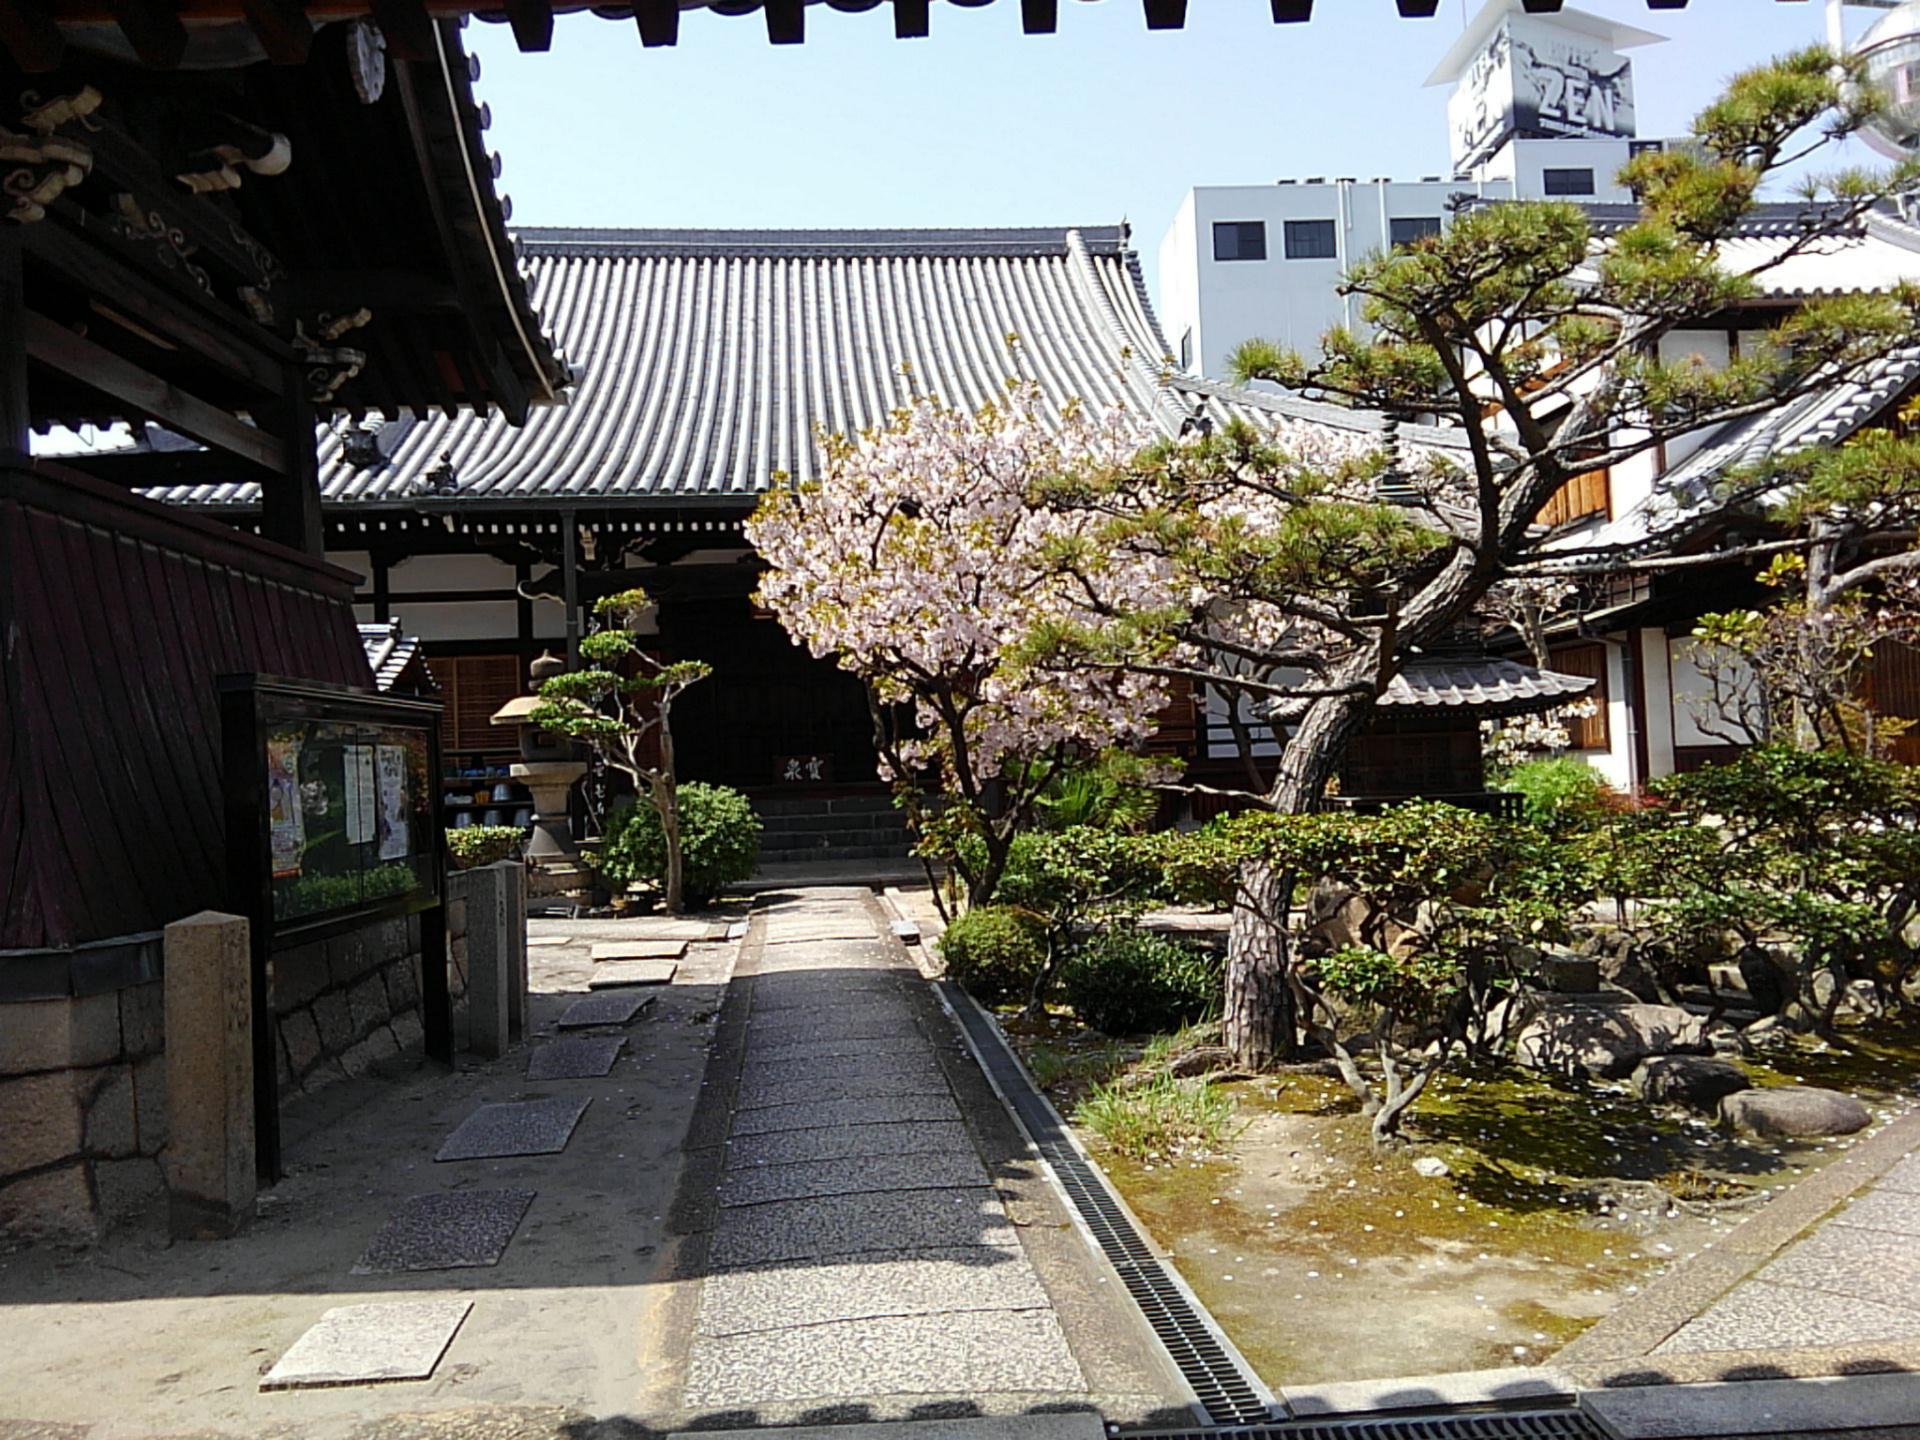 圓通寺の庭園